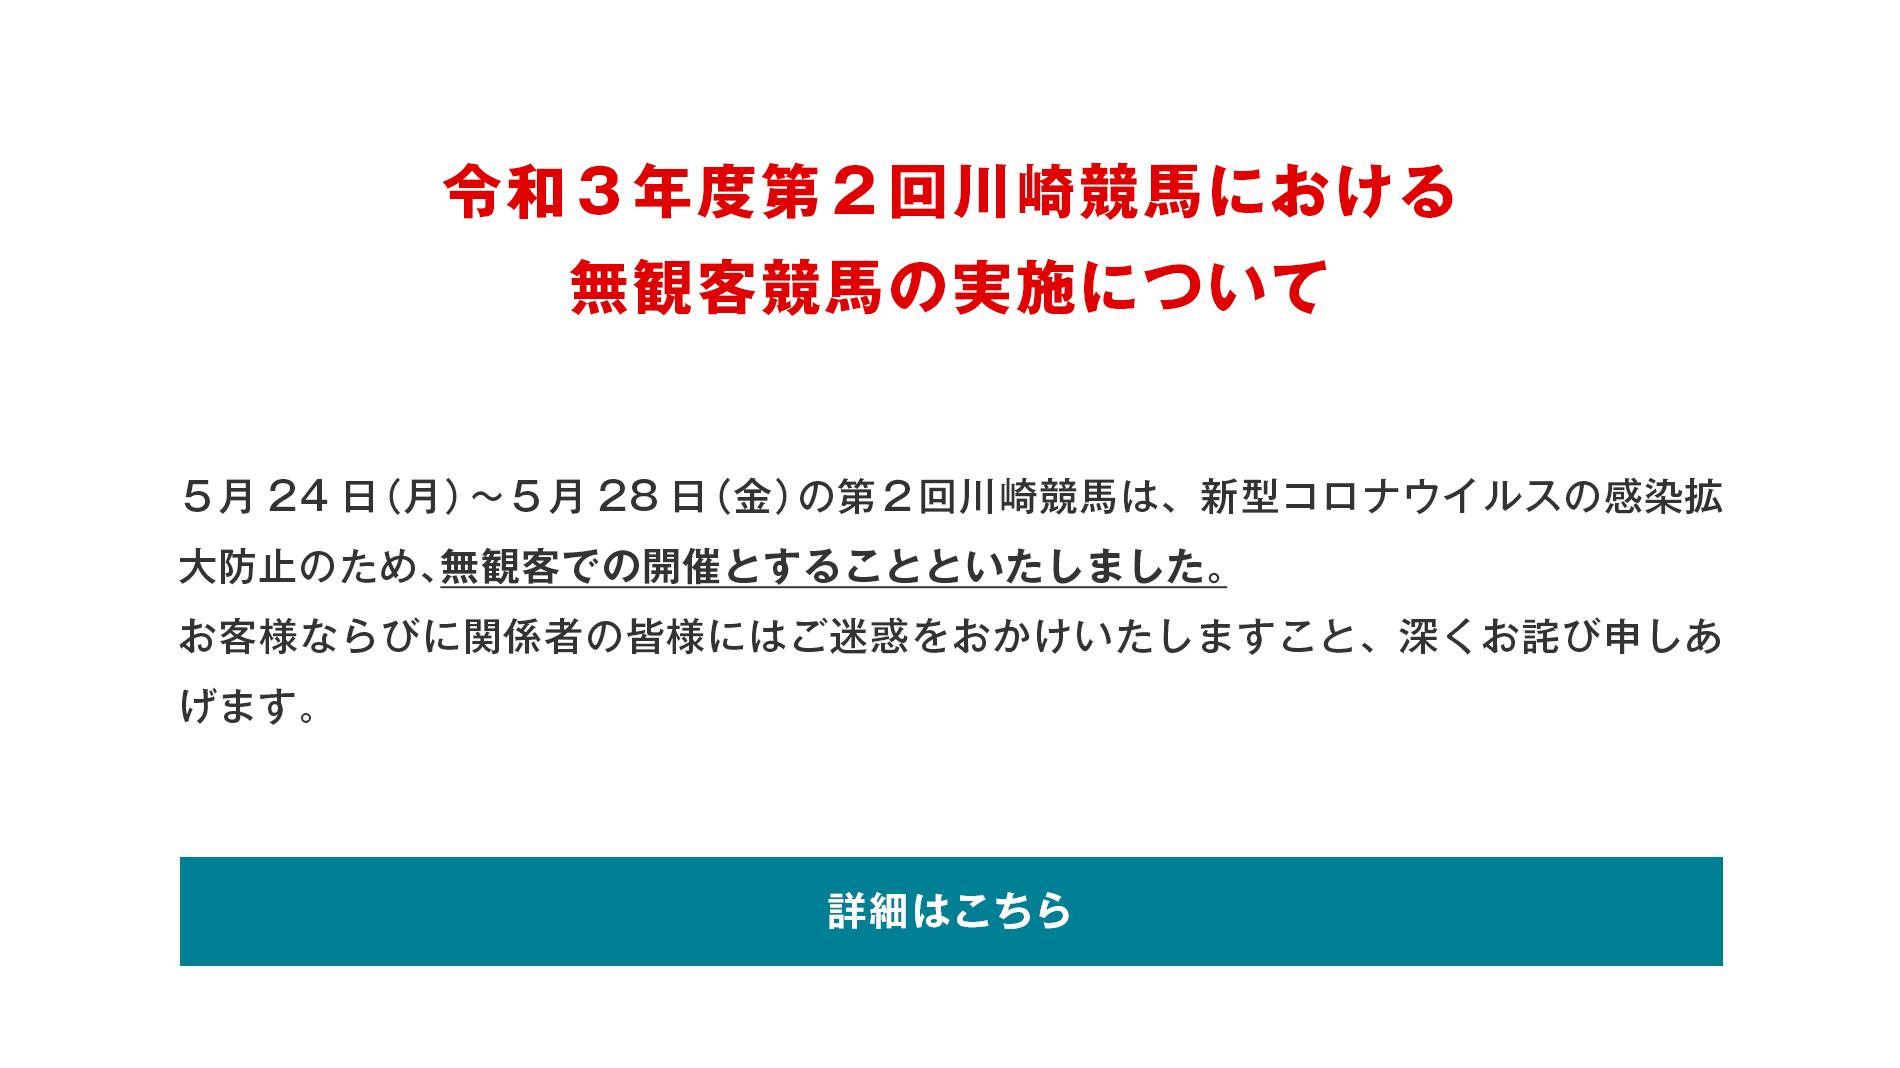 令和3年度第2回川崎競馬における無観客競馬の実施について